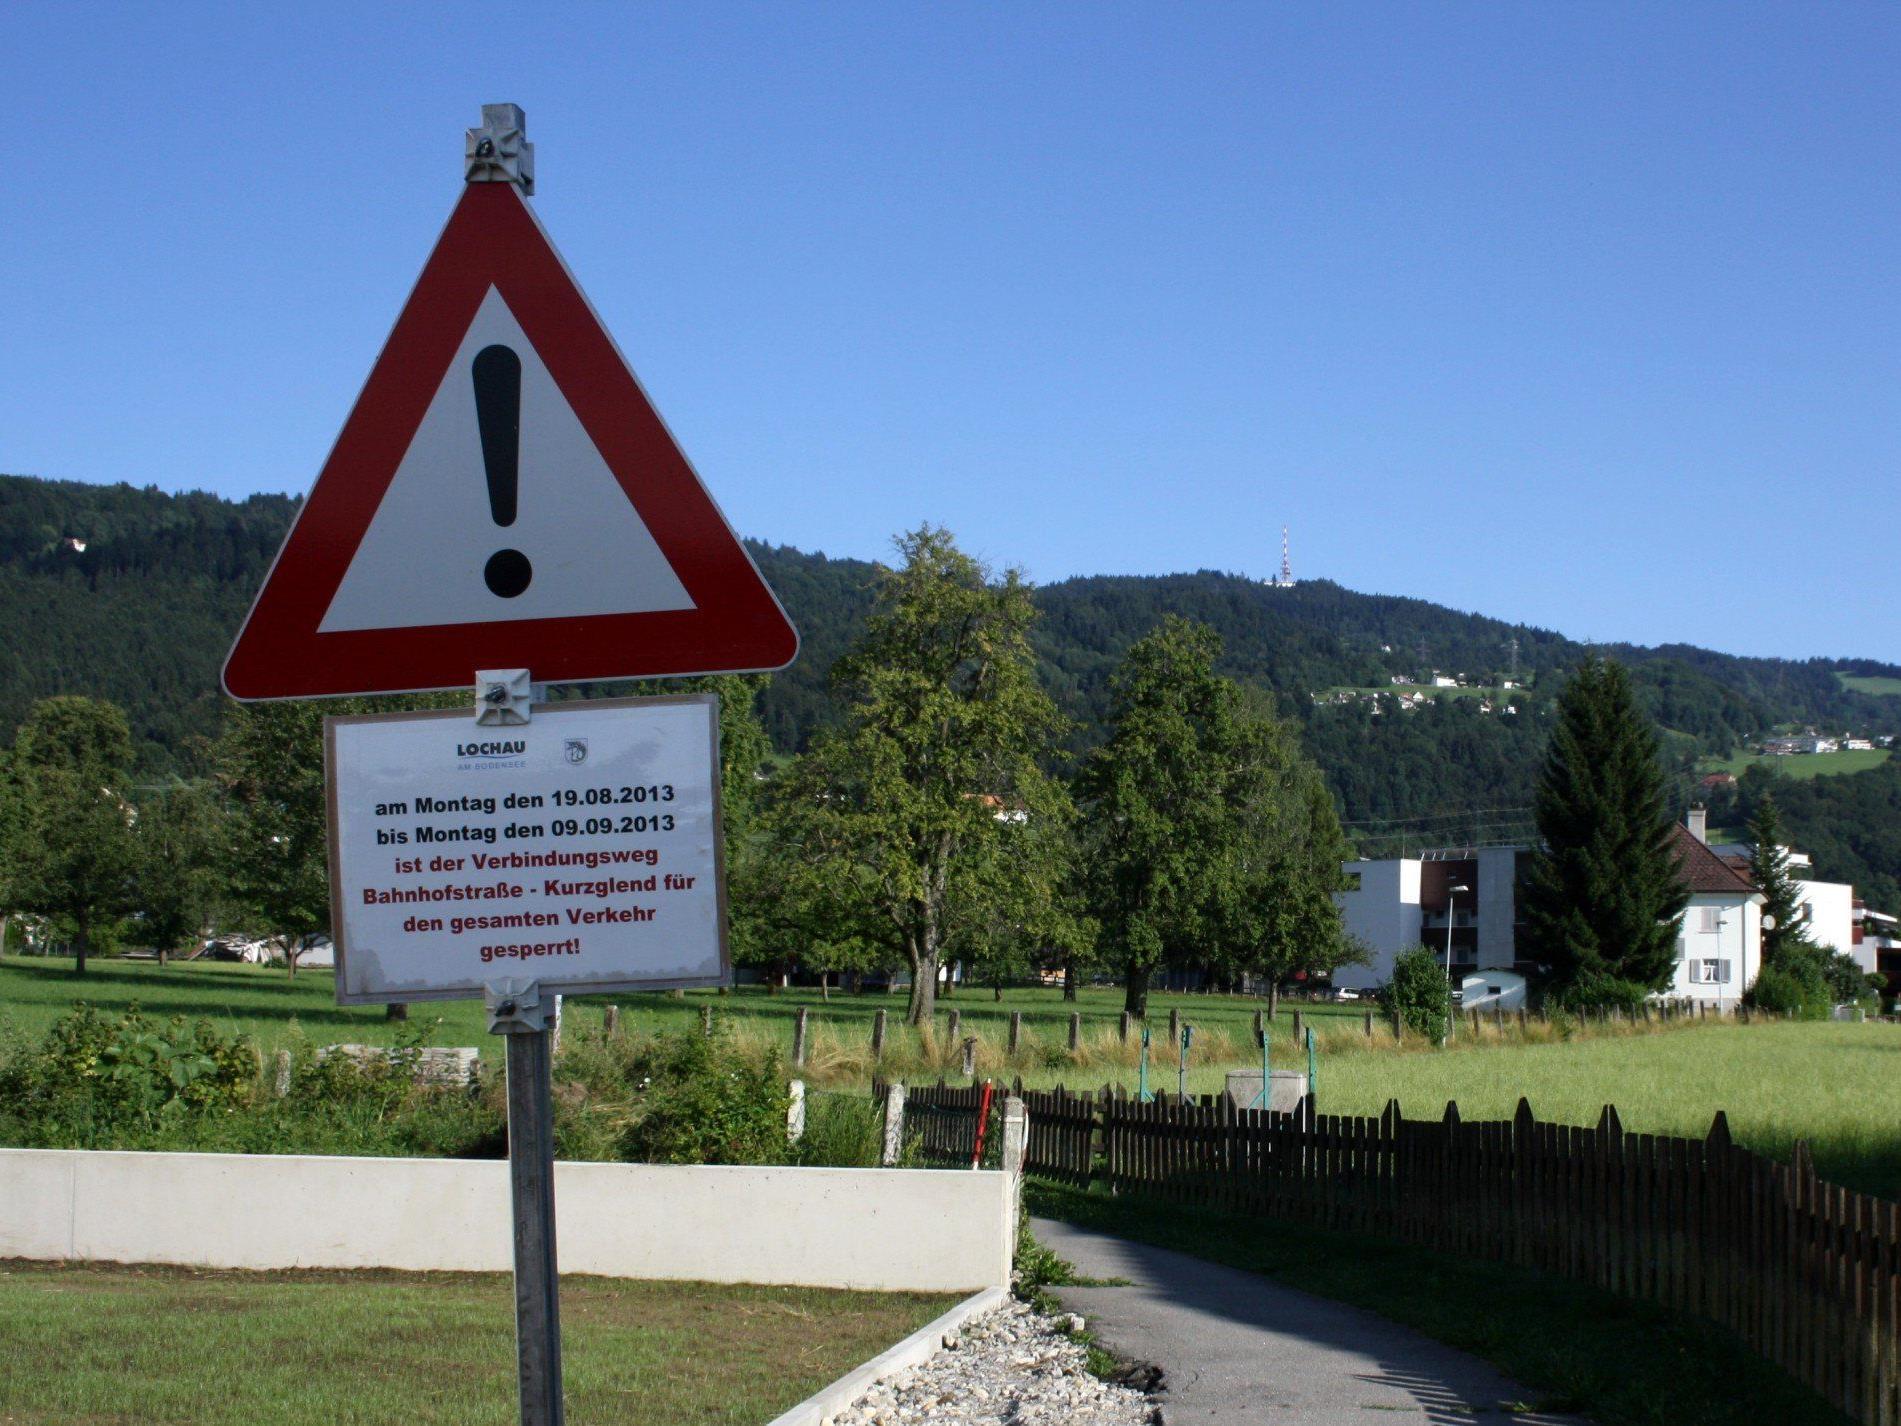 Der Kurzglend-Weg wird in den kommenden drei Wochen erneuert und bleibt daher für Fußgänger und Radfahrer gesperrt.